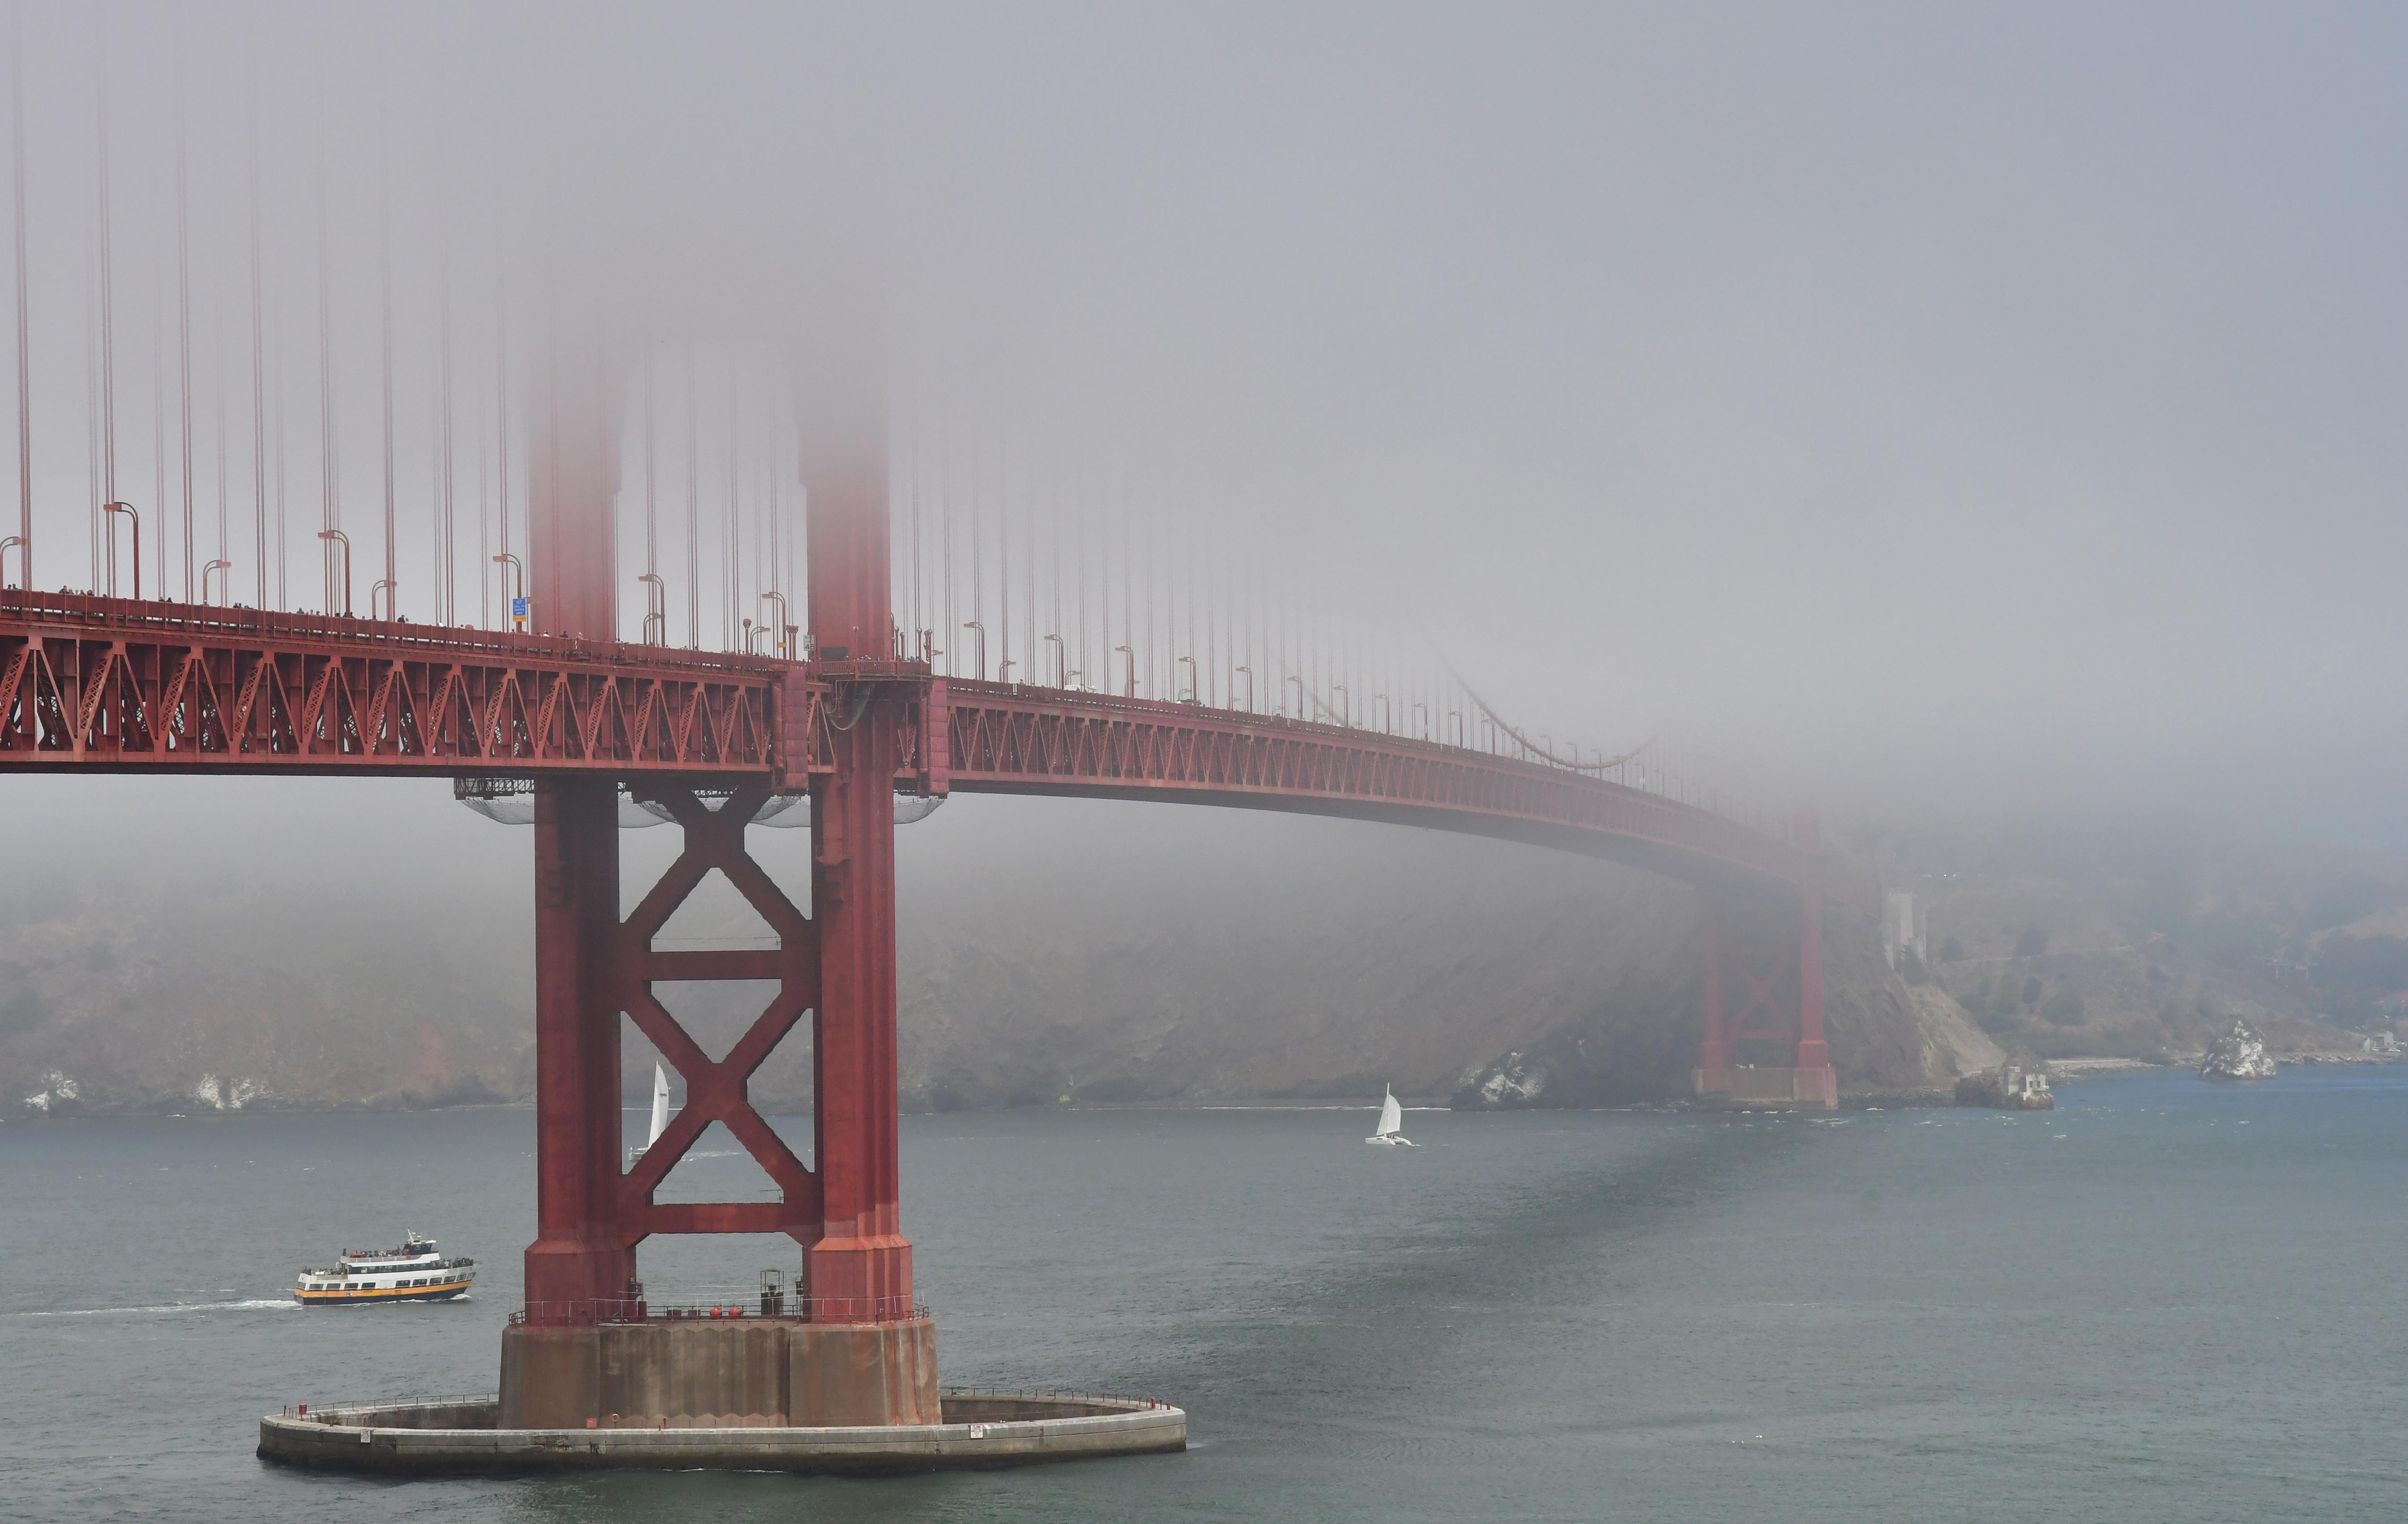 Golden Gate Bridge in the fog.